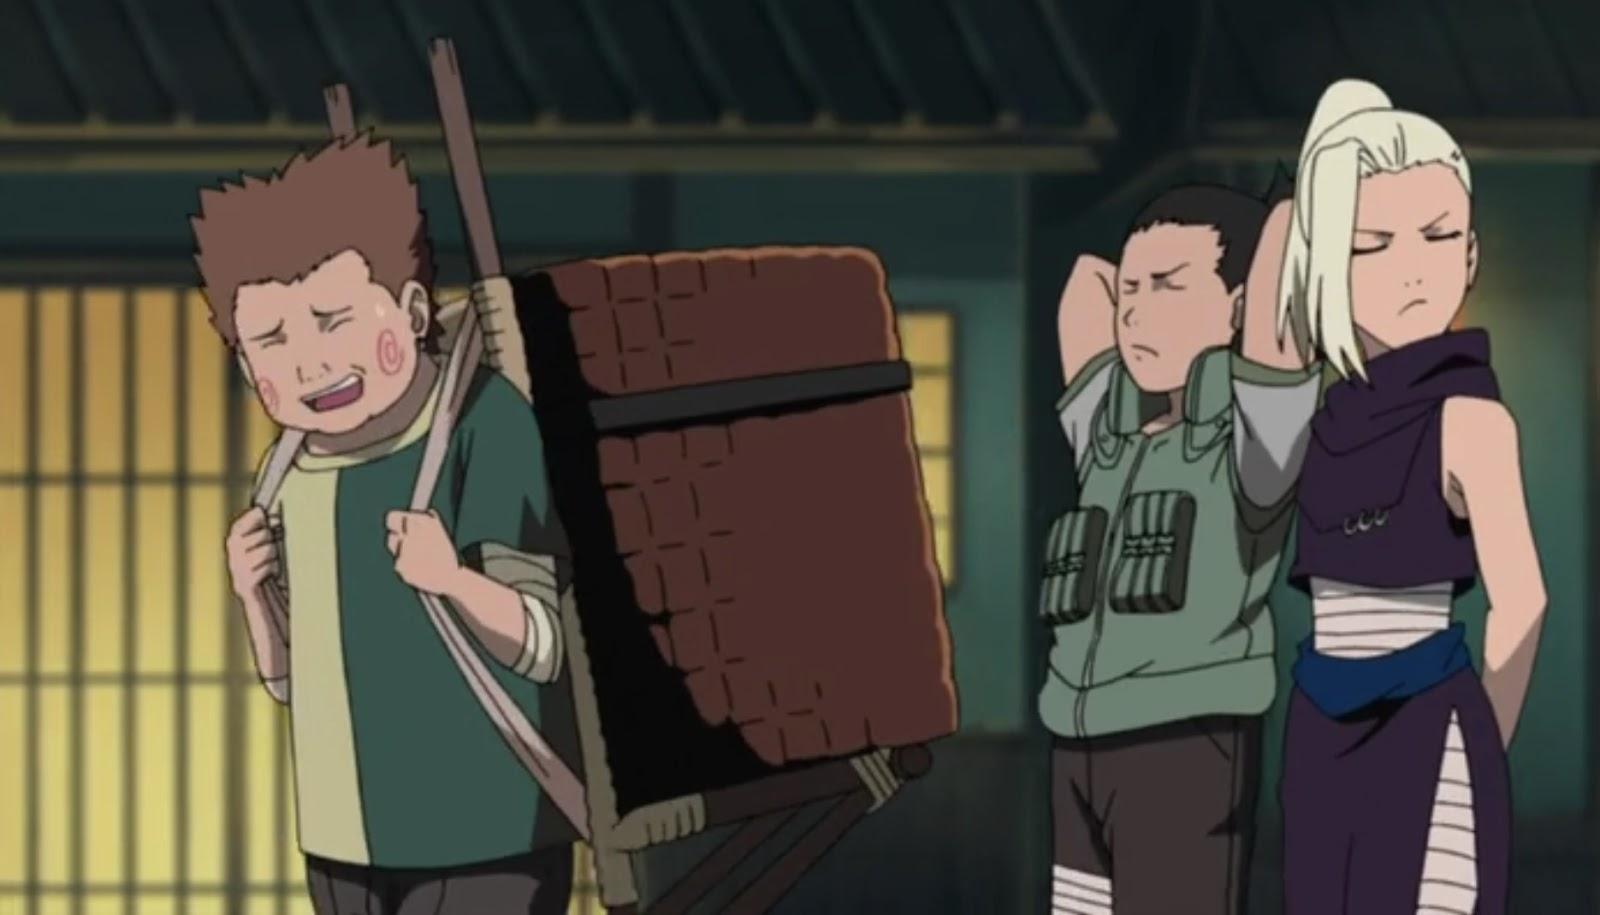 Naruto Shippuden Episódio 310, Assistir Naruto Shippuden Episódio 310, Assistir Naruto Shippuden Todos os Episódios Legendado, Naruto Shippuden episódio 310,HD